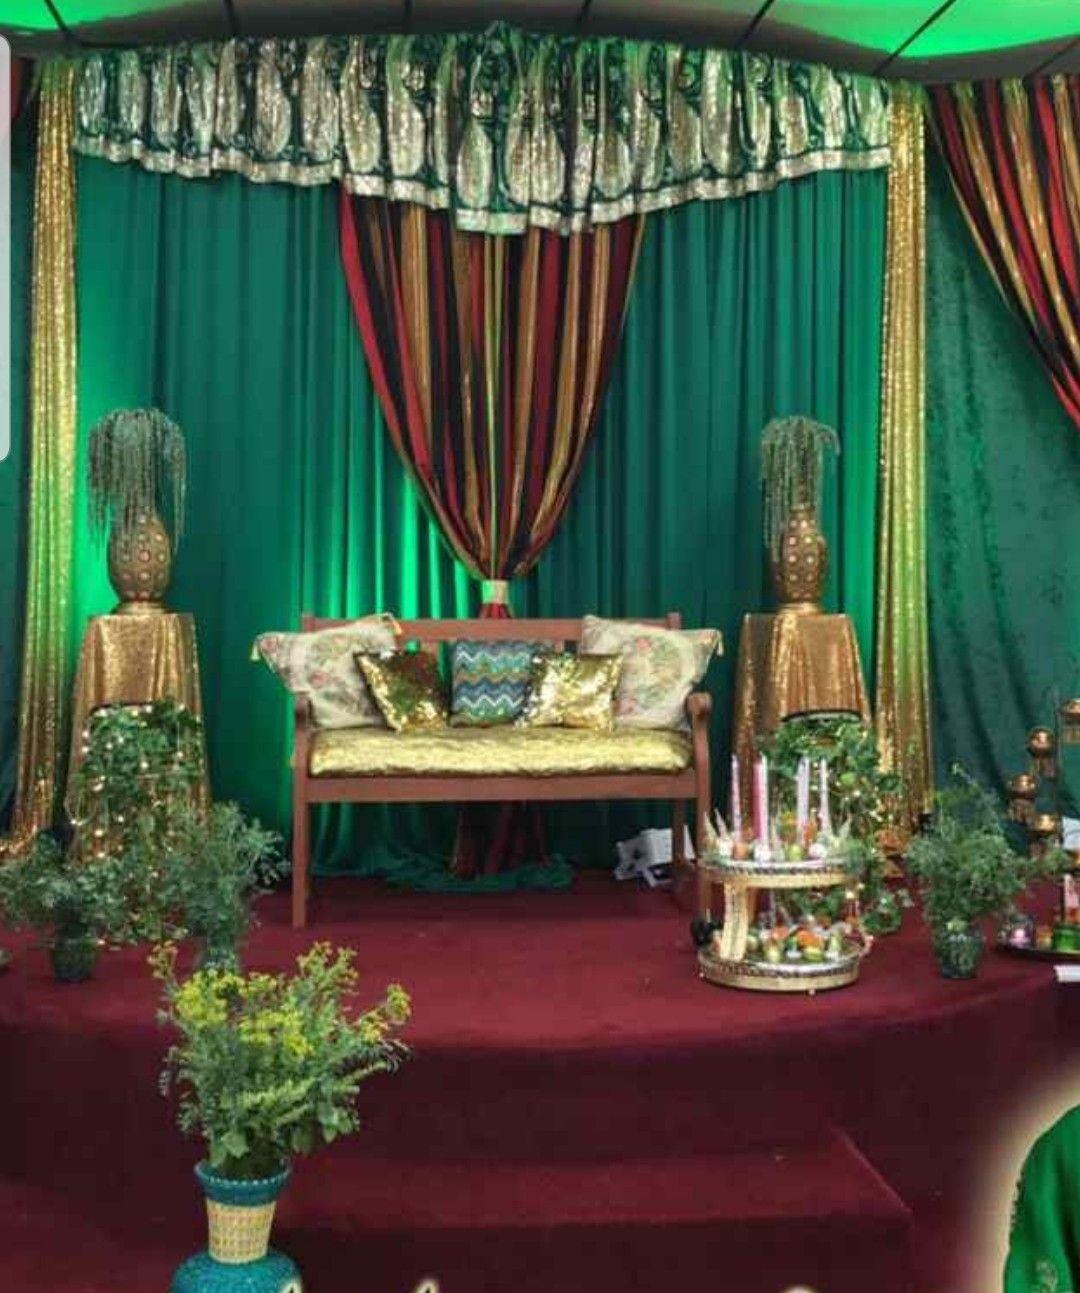 ديكور عروس يمنيه صنعانيه ليله الحناء جميل ممزوج بطابع تراثي يمني Arab Wedding Henna Party Traditional Wedding